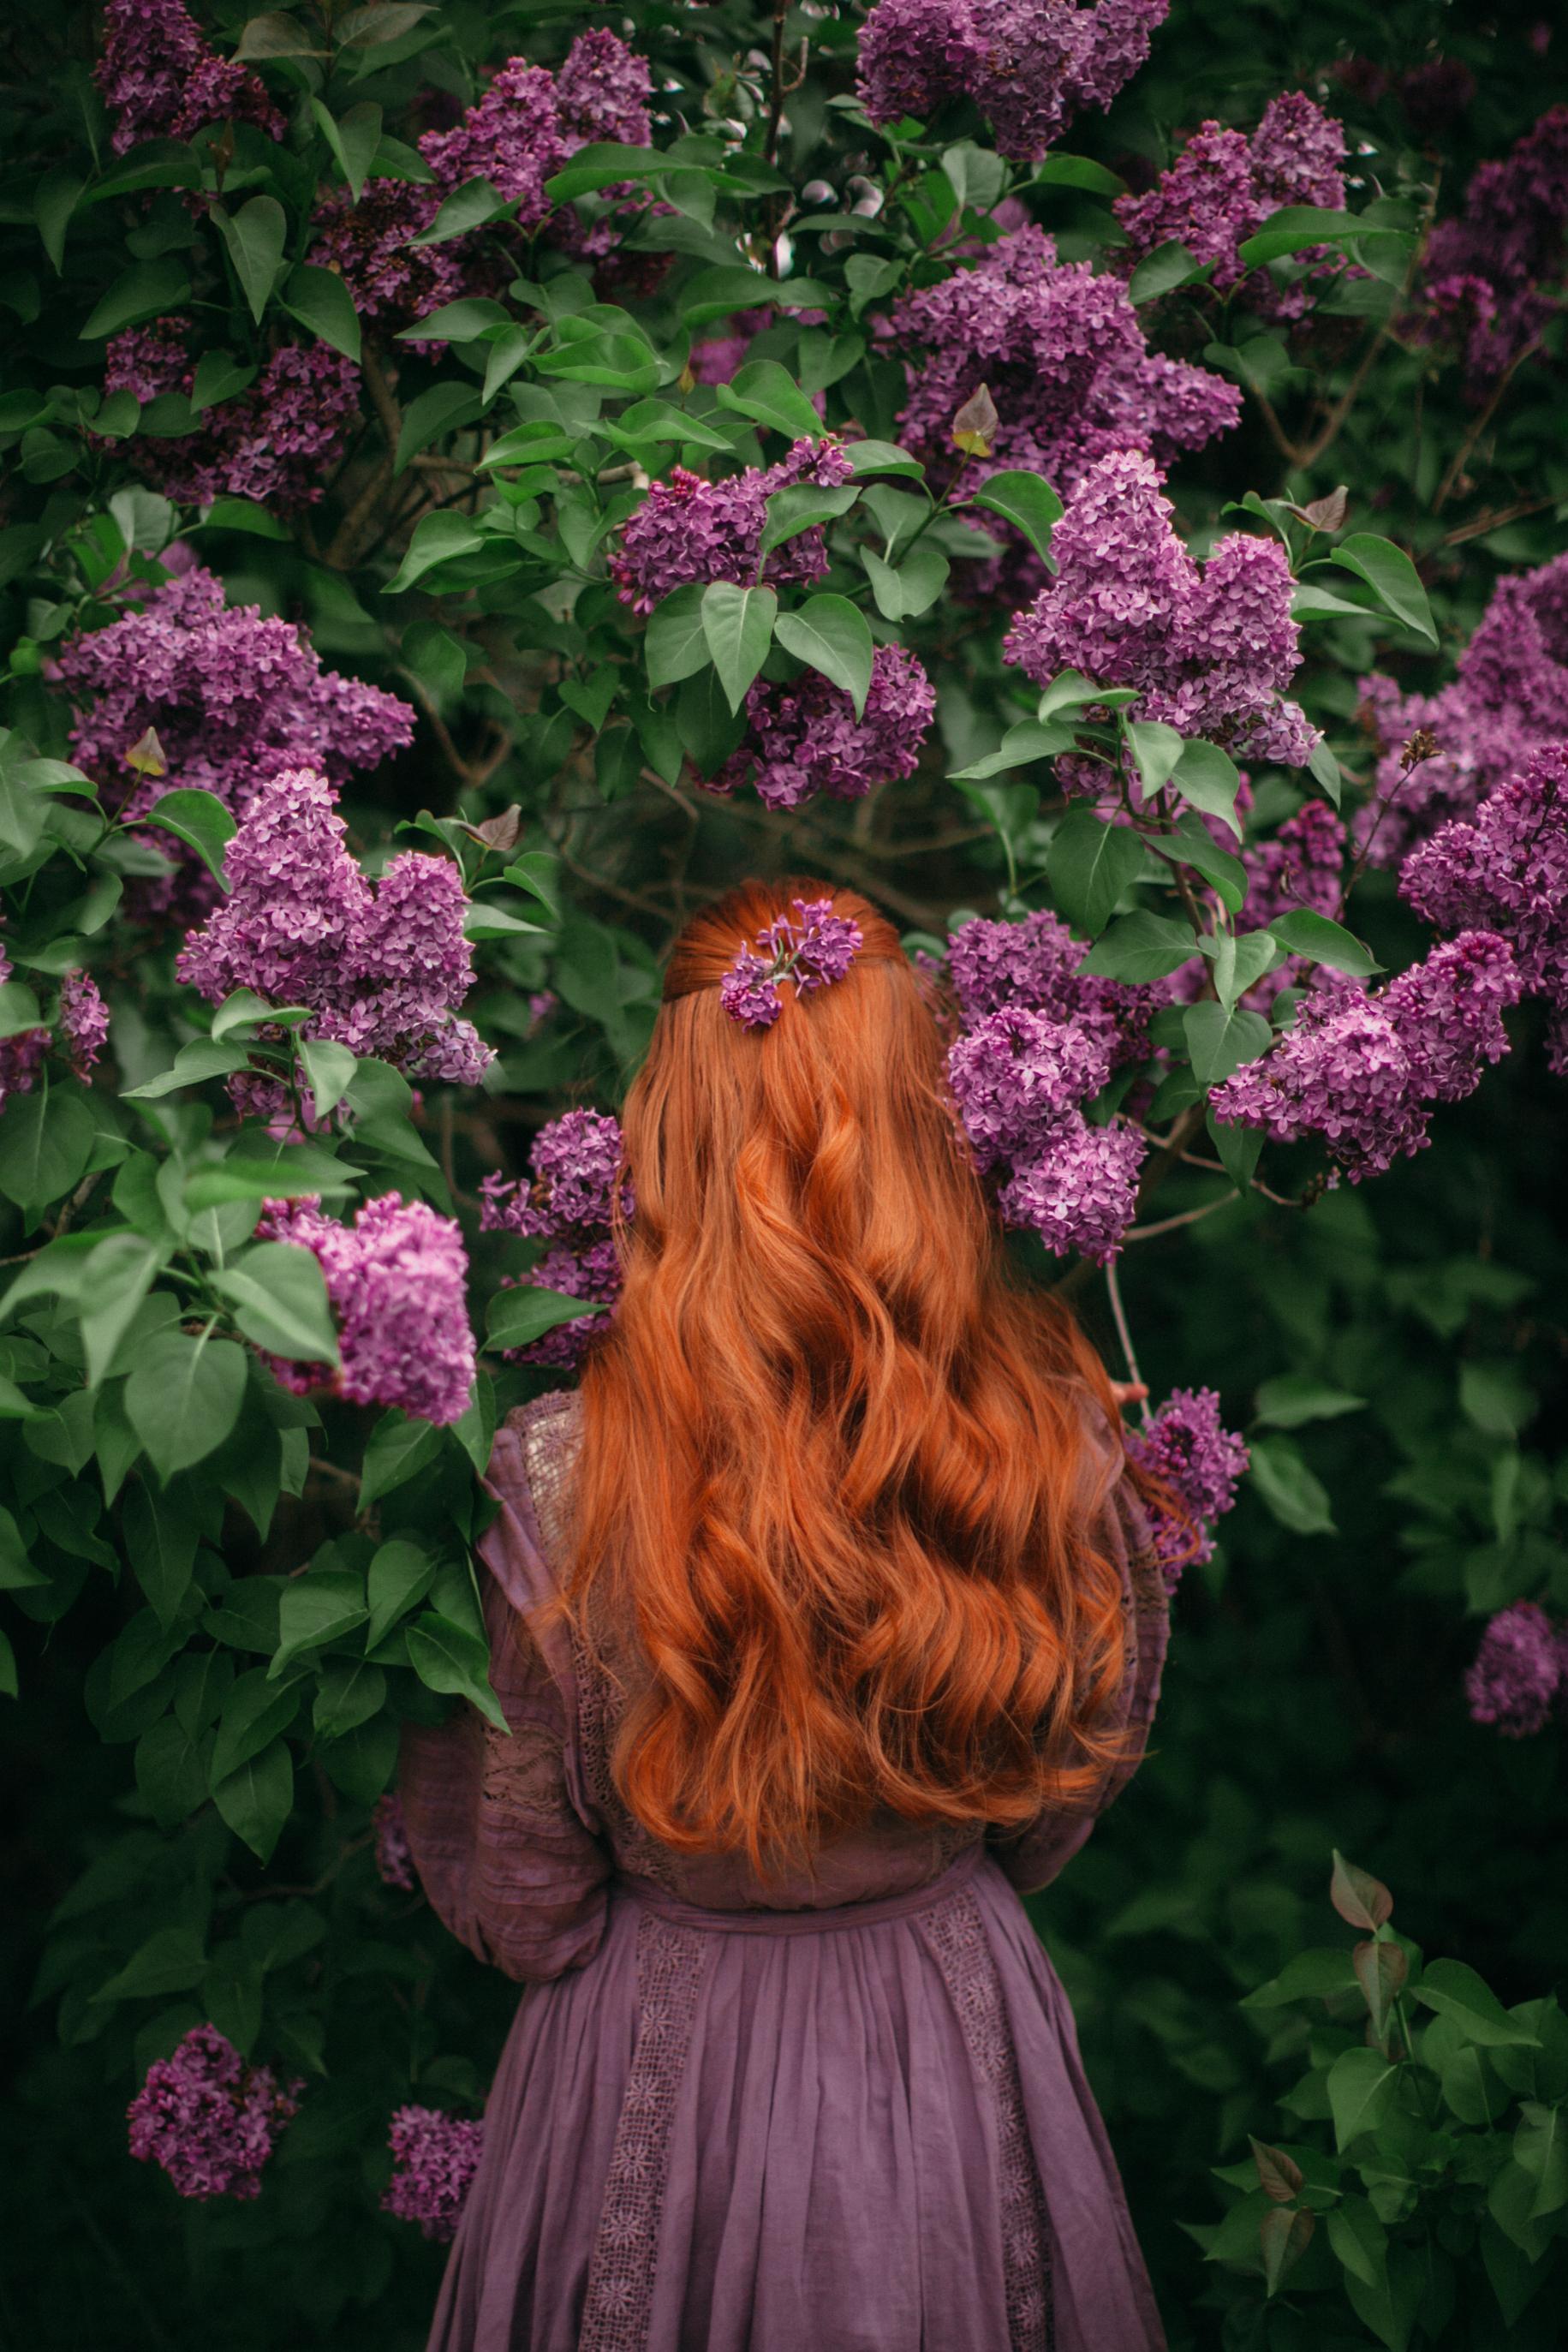 bloom-13